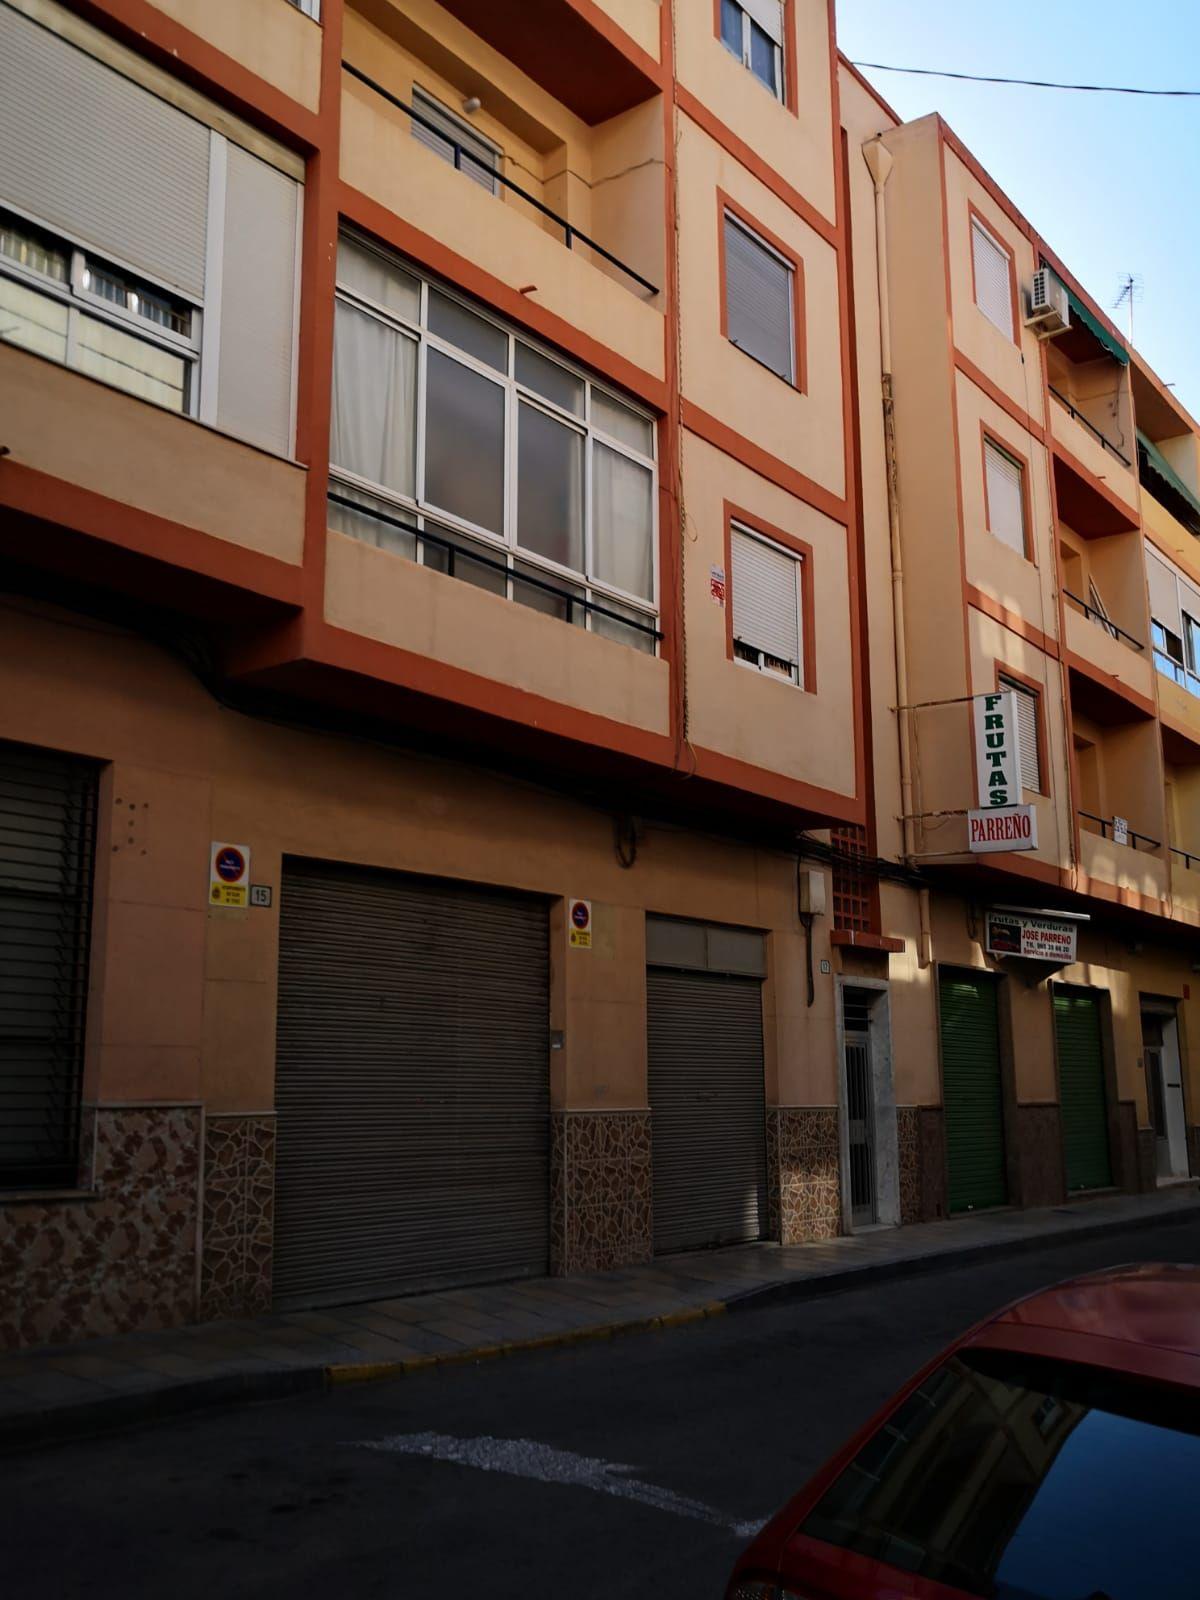 Piso en venta en Coto de Caza, Elda, Alicante, Calle Calle Maestro Estruch, 33.500 €, 3 habitaciones, 1 baño, 90 m2